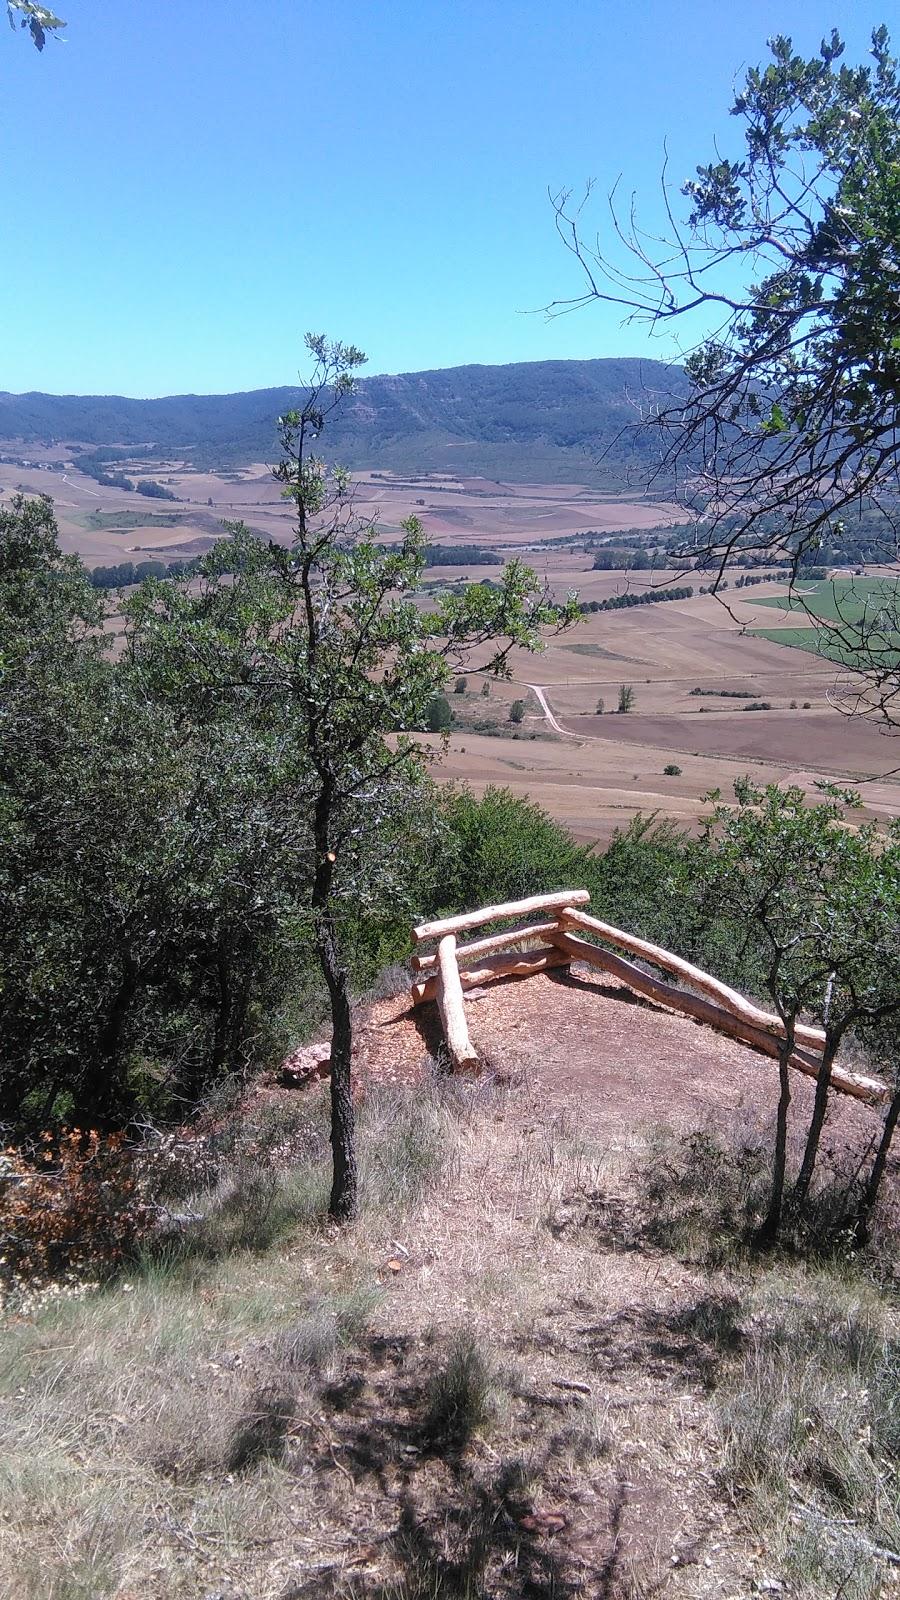 Villagalijo